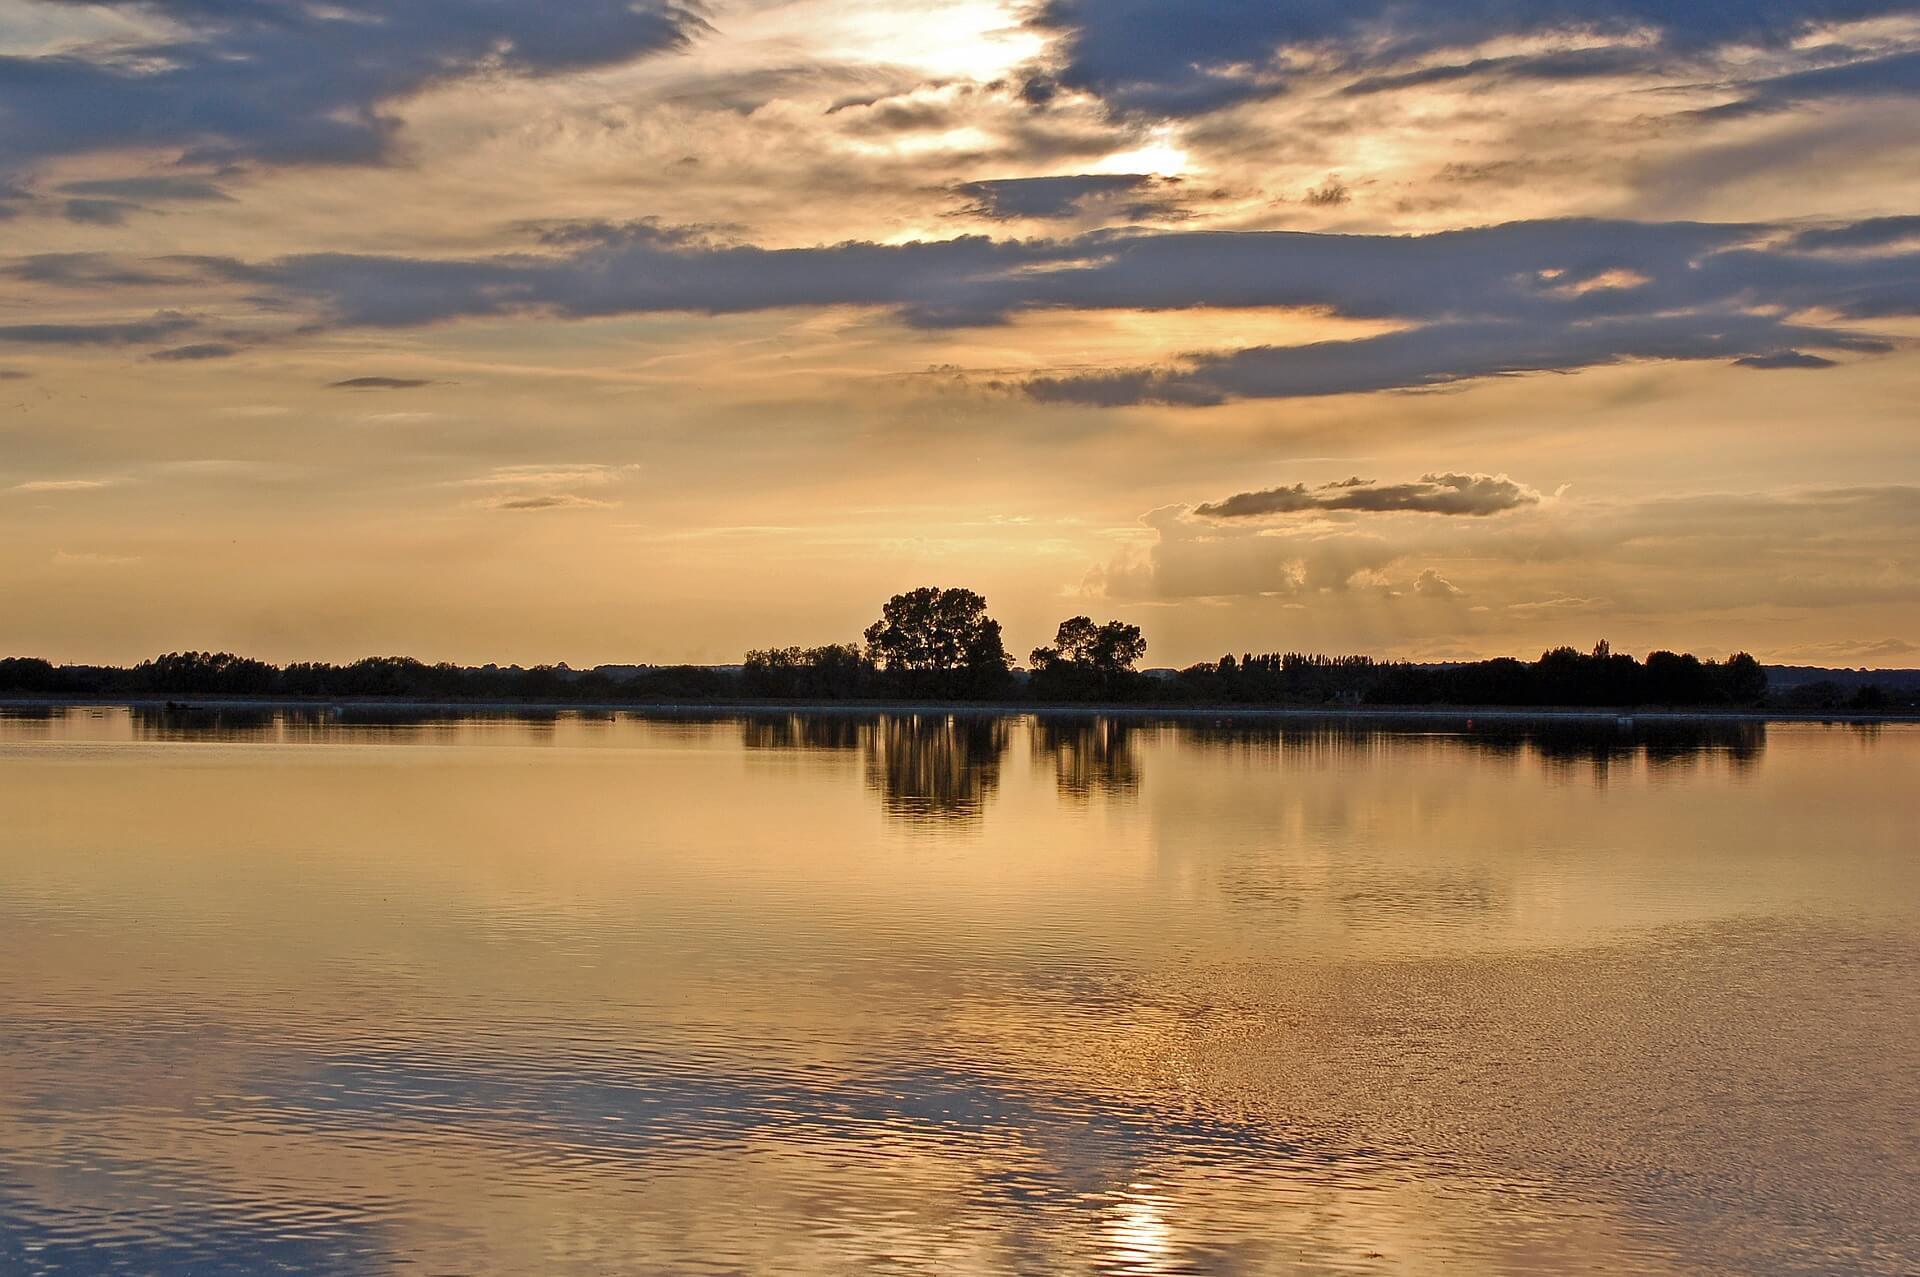 lake-5199460_1920 (1)